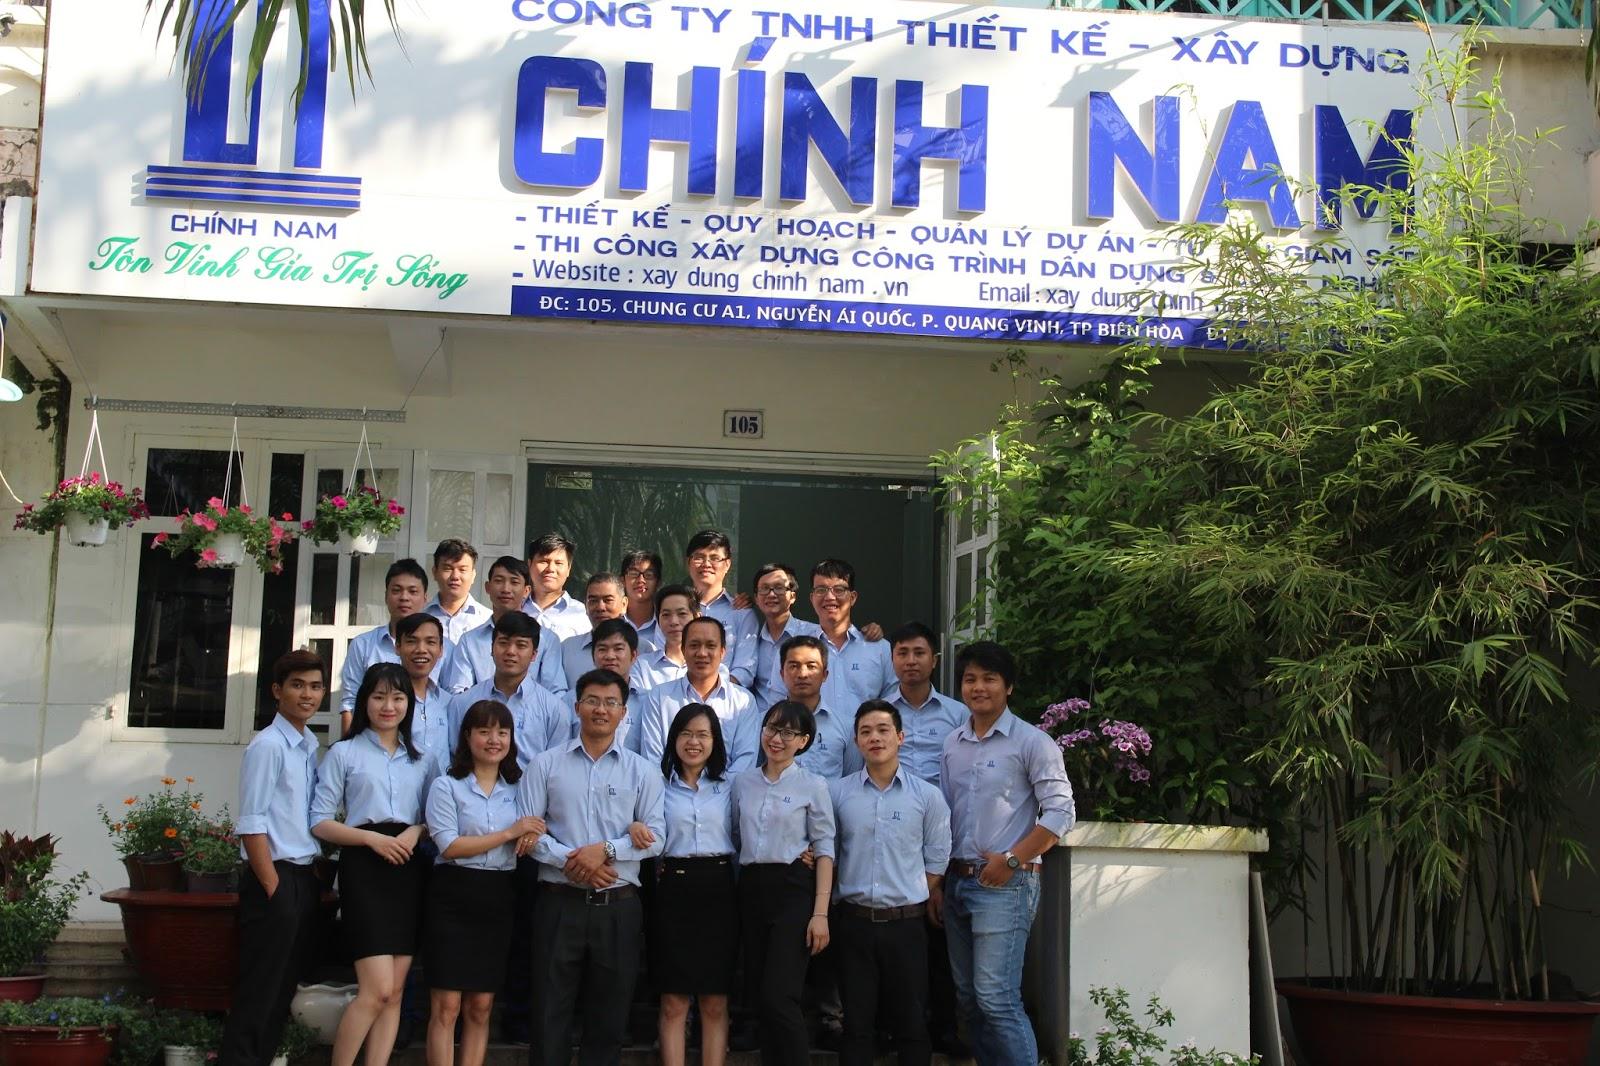 Đội ngũ kỹ sư, kiến trúc sư tại văn phòng số 01 công ty CHÍNH NAM